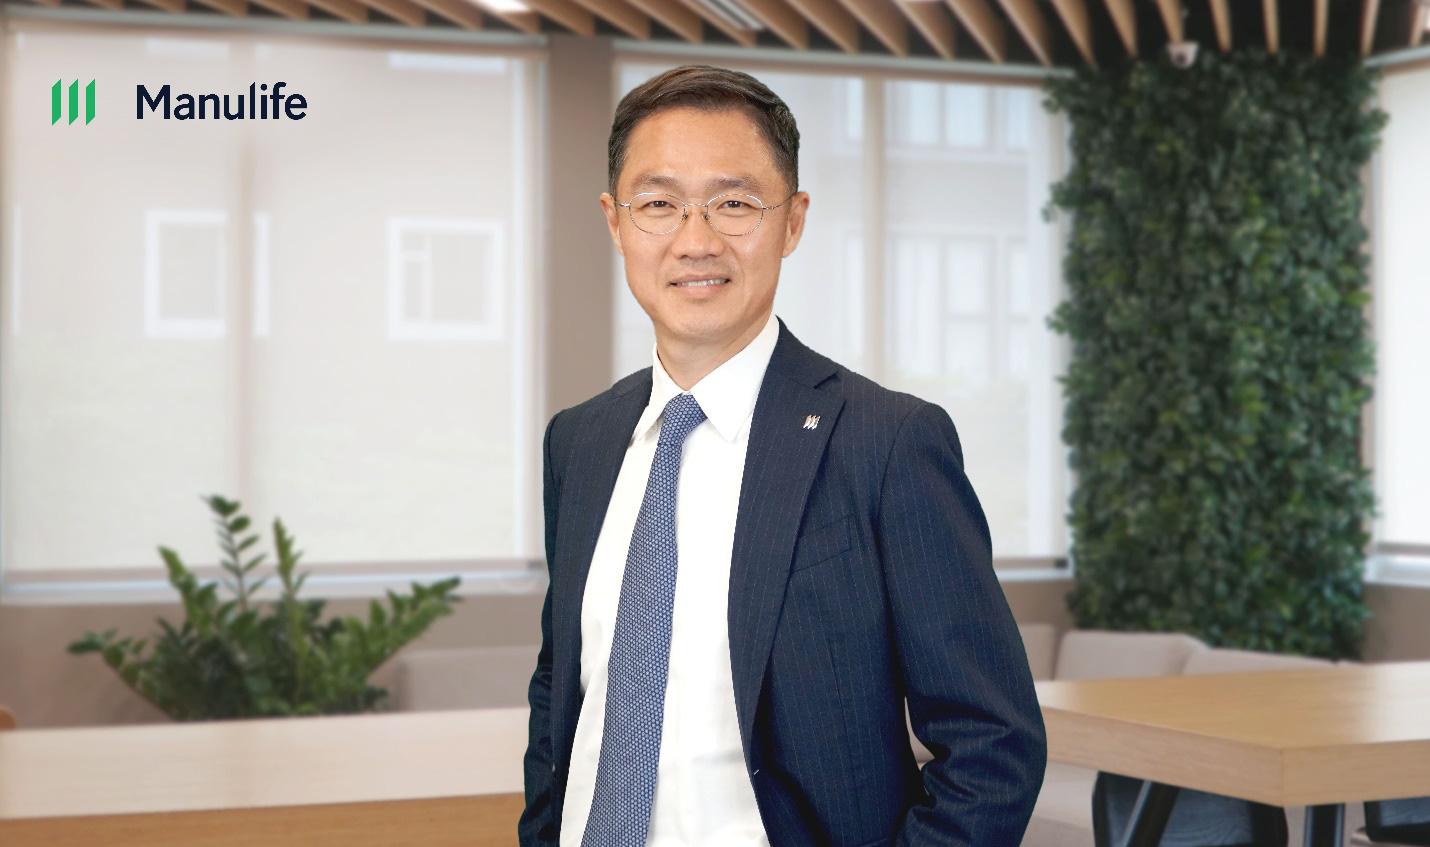 Manulife Việt Nam bổ nhiệm Tổng Giám Đốc mới dẫn dắt hành trình chuyển đổi và phát triển - Ảnh 1.